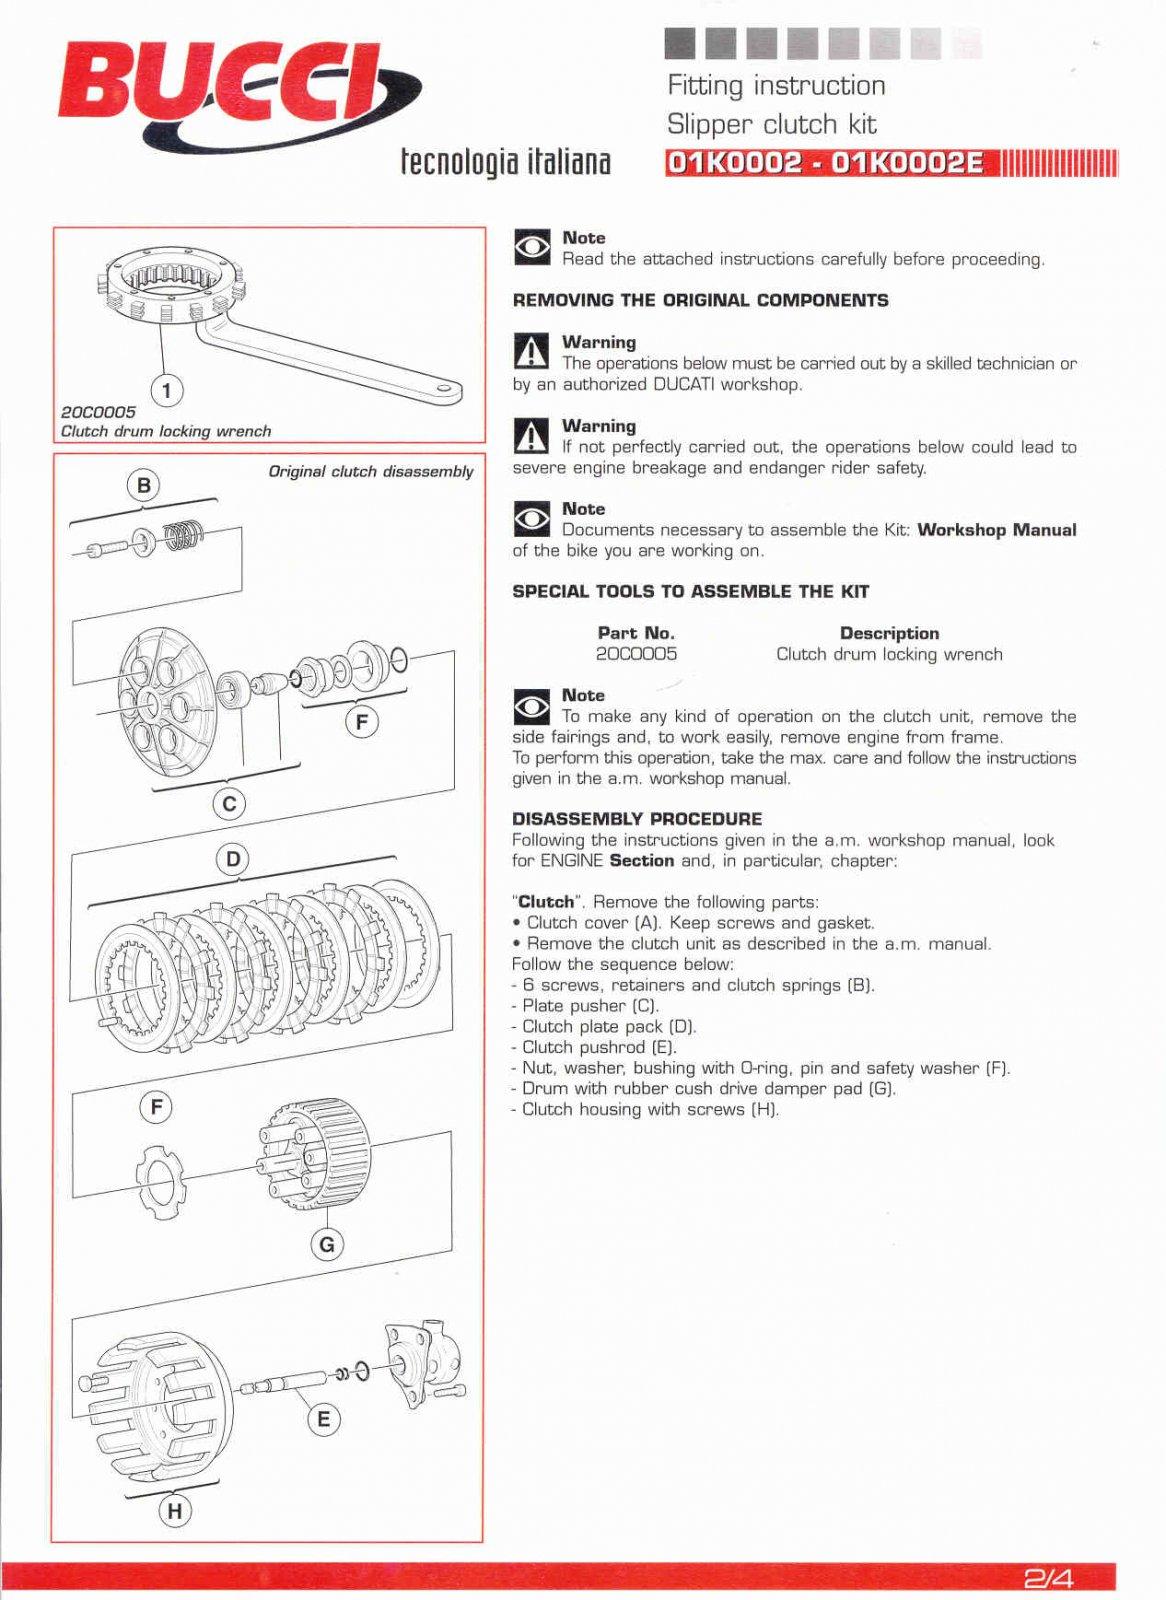 BUCCI slipper clutch fit 2.jpg